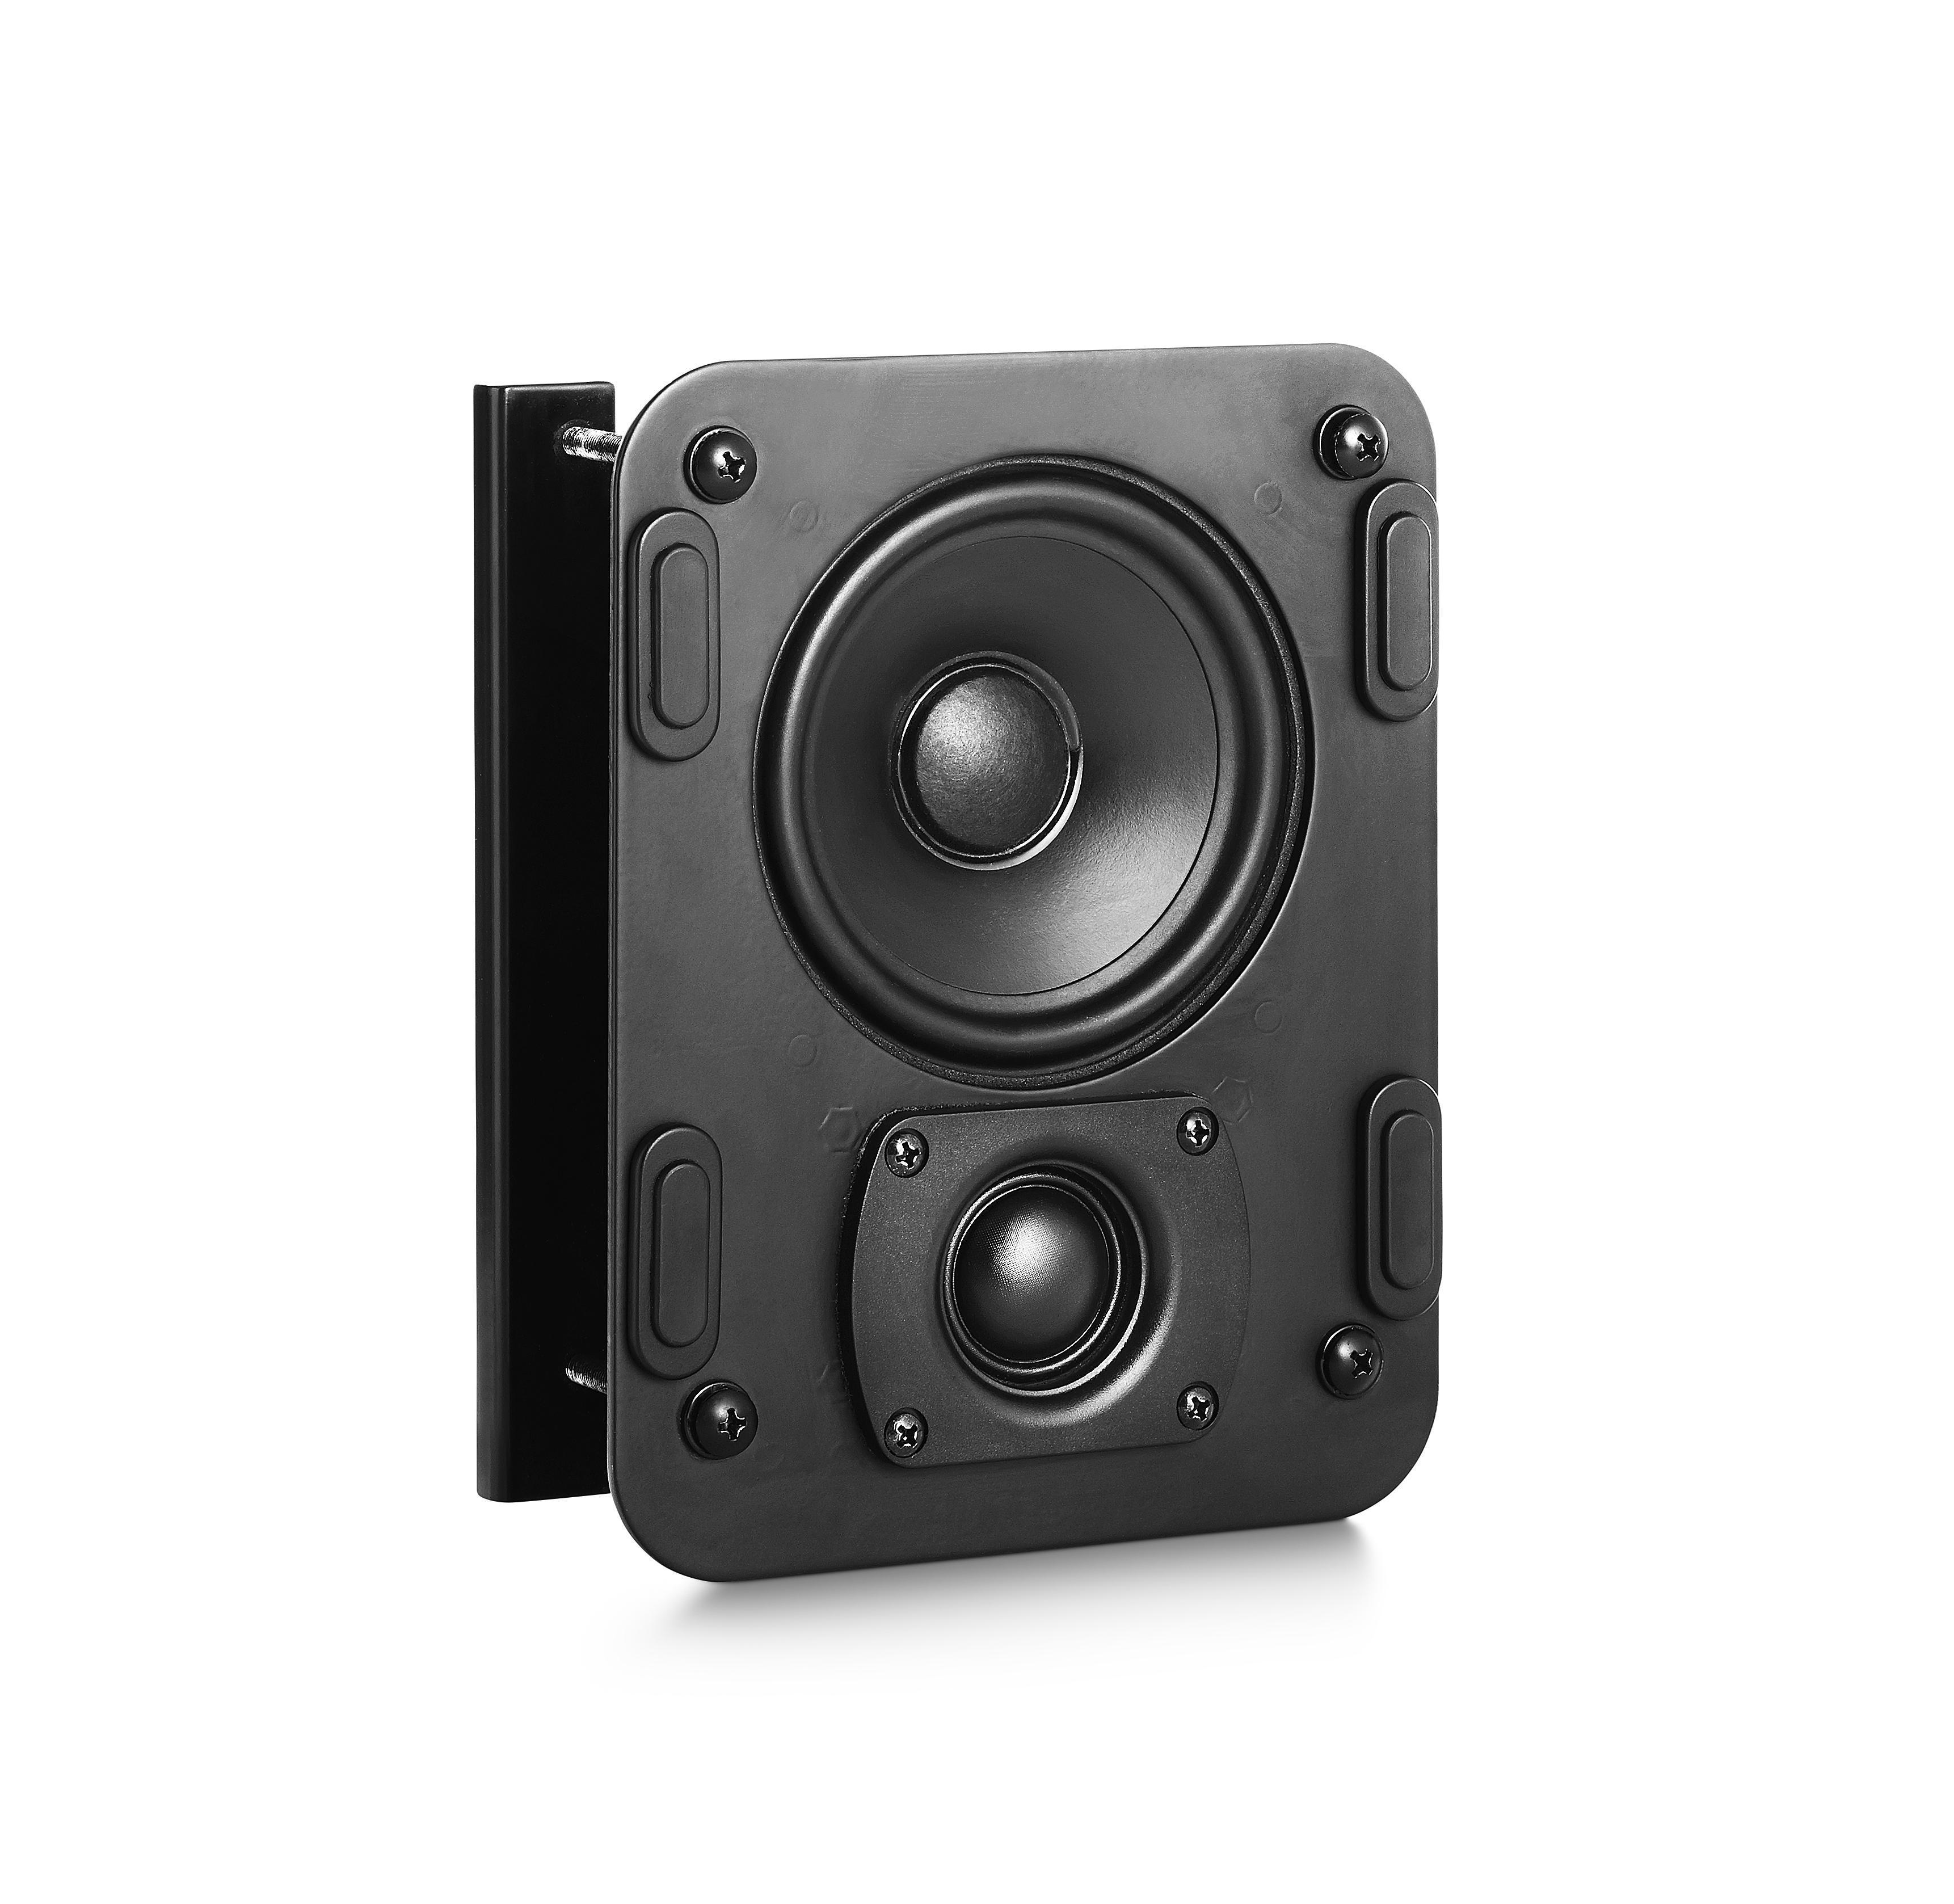 M&K Sound IW-5 beepithato hangfal oldala